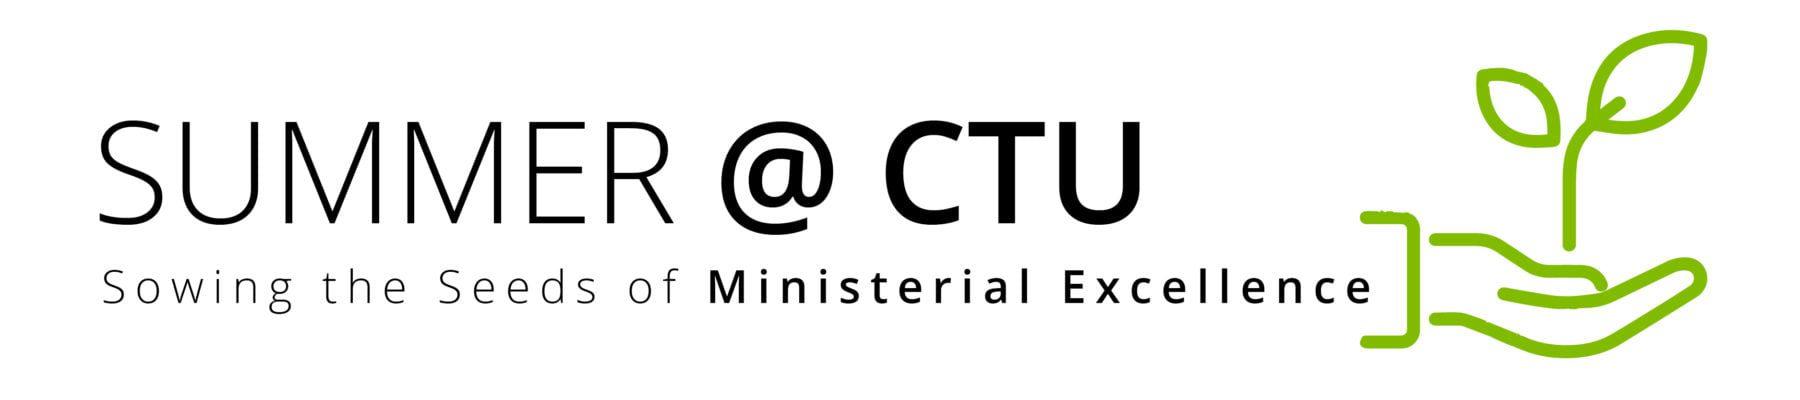 Summer@CTU - Catholic Theological Union